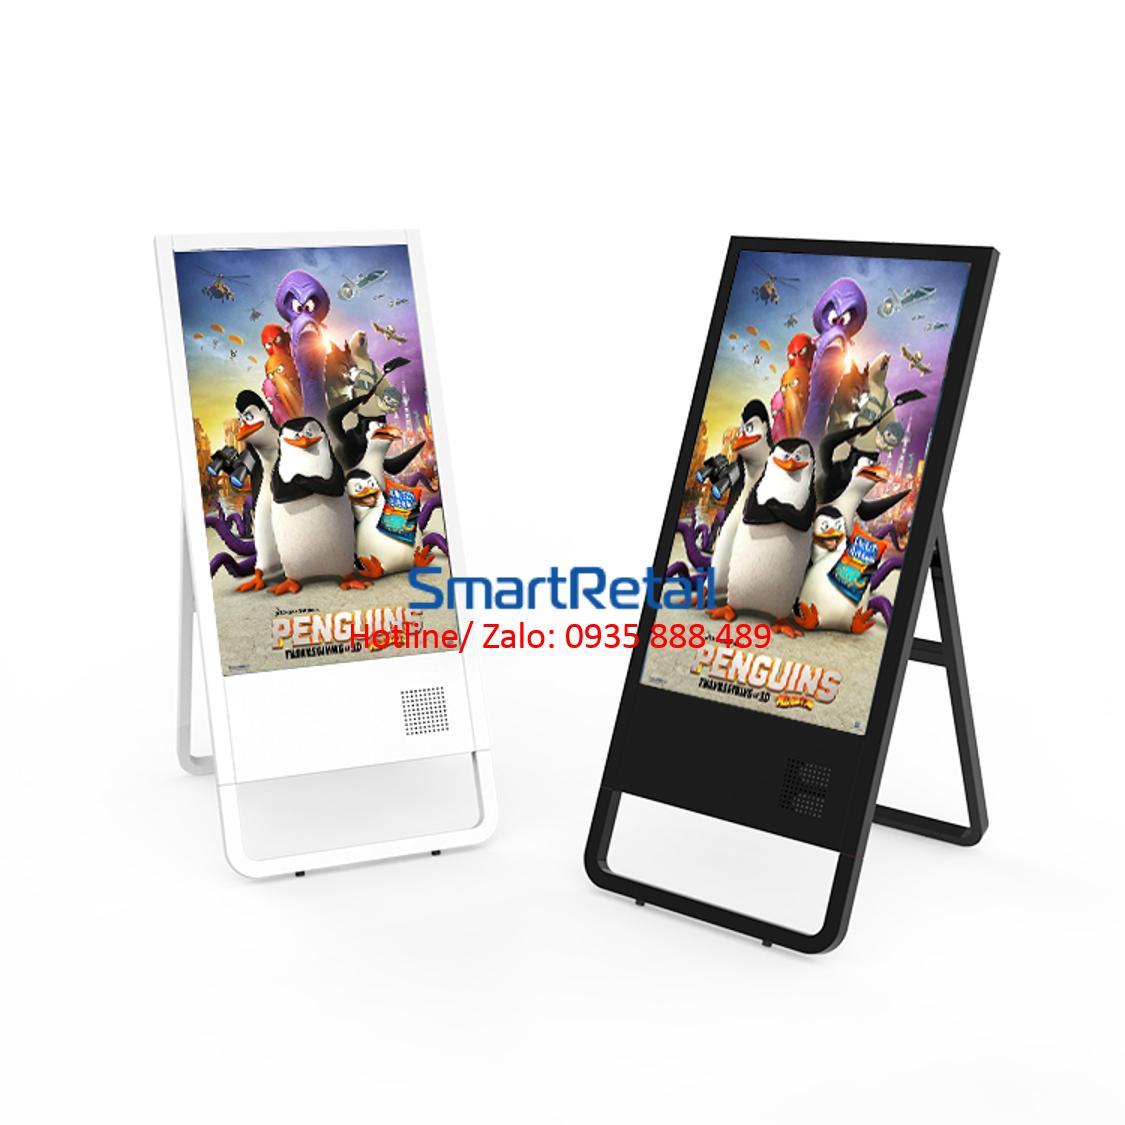 SmartRetail Màn hình quảng cáo DSF A443 S1 2